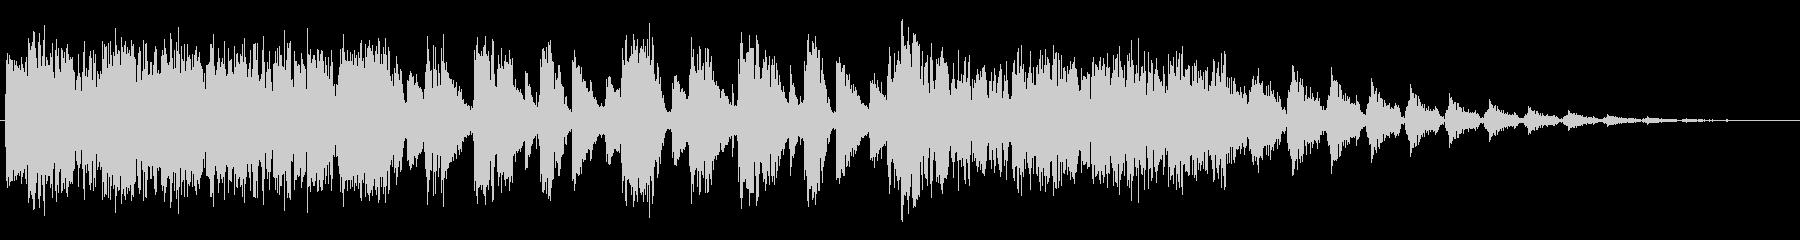 リフビーツの未再生の波形